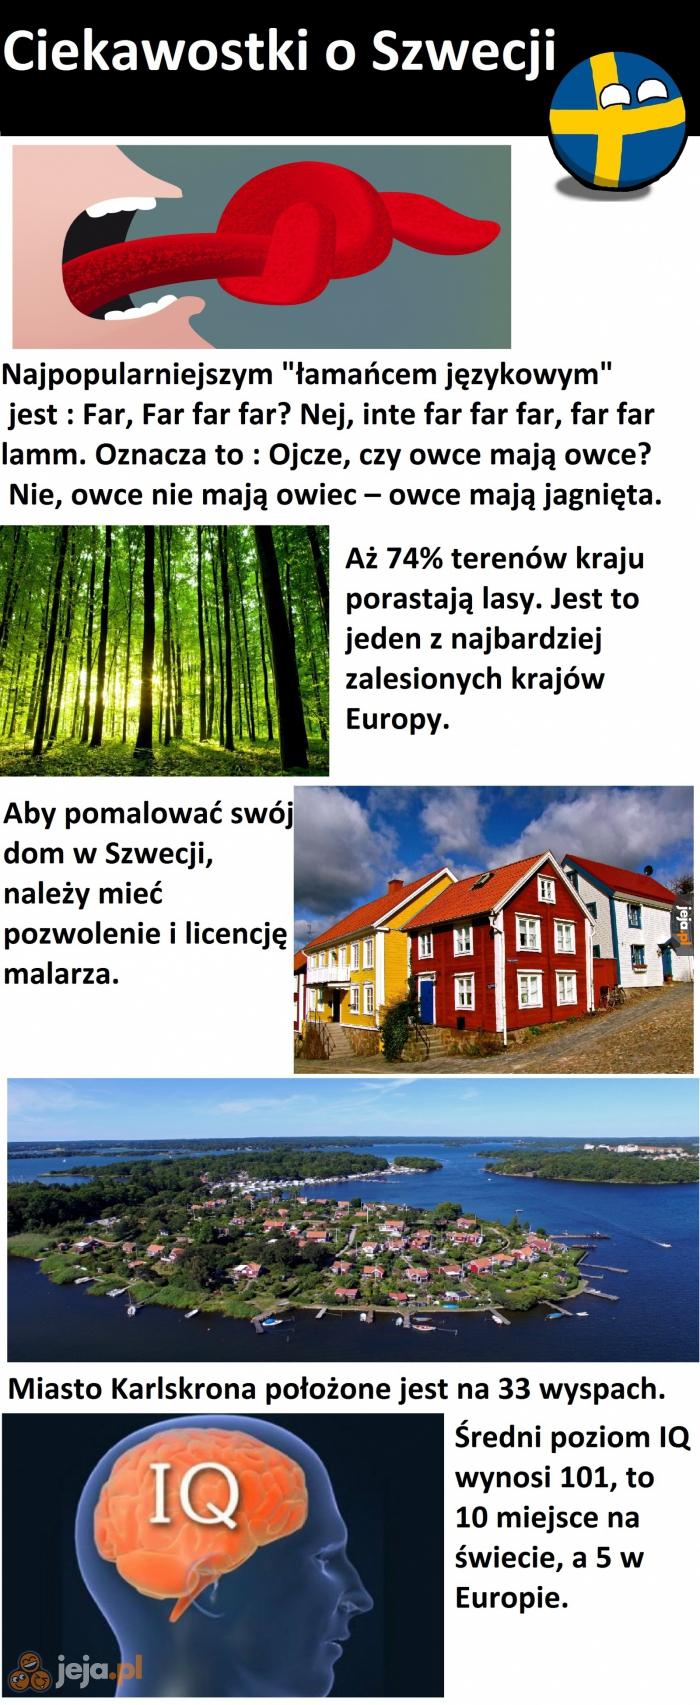 Ciekawostki o Szwecji